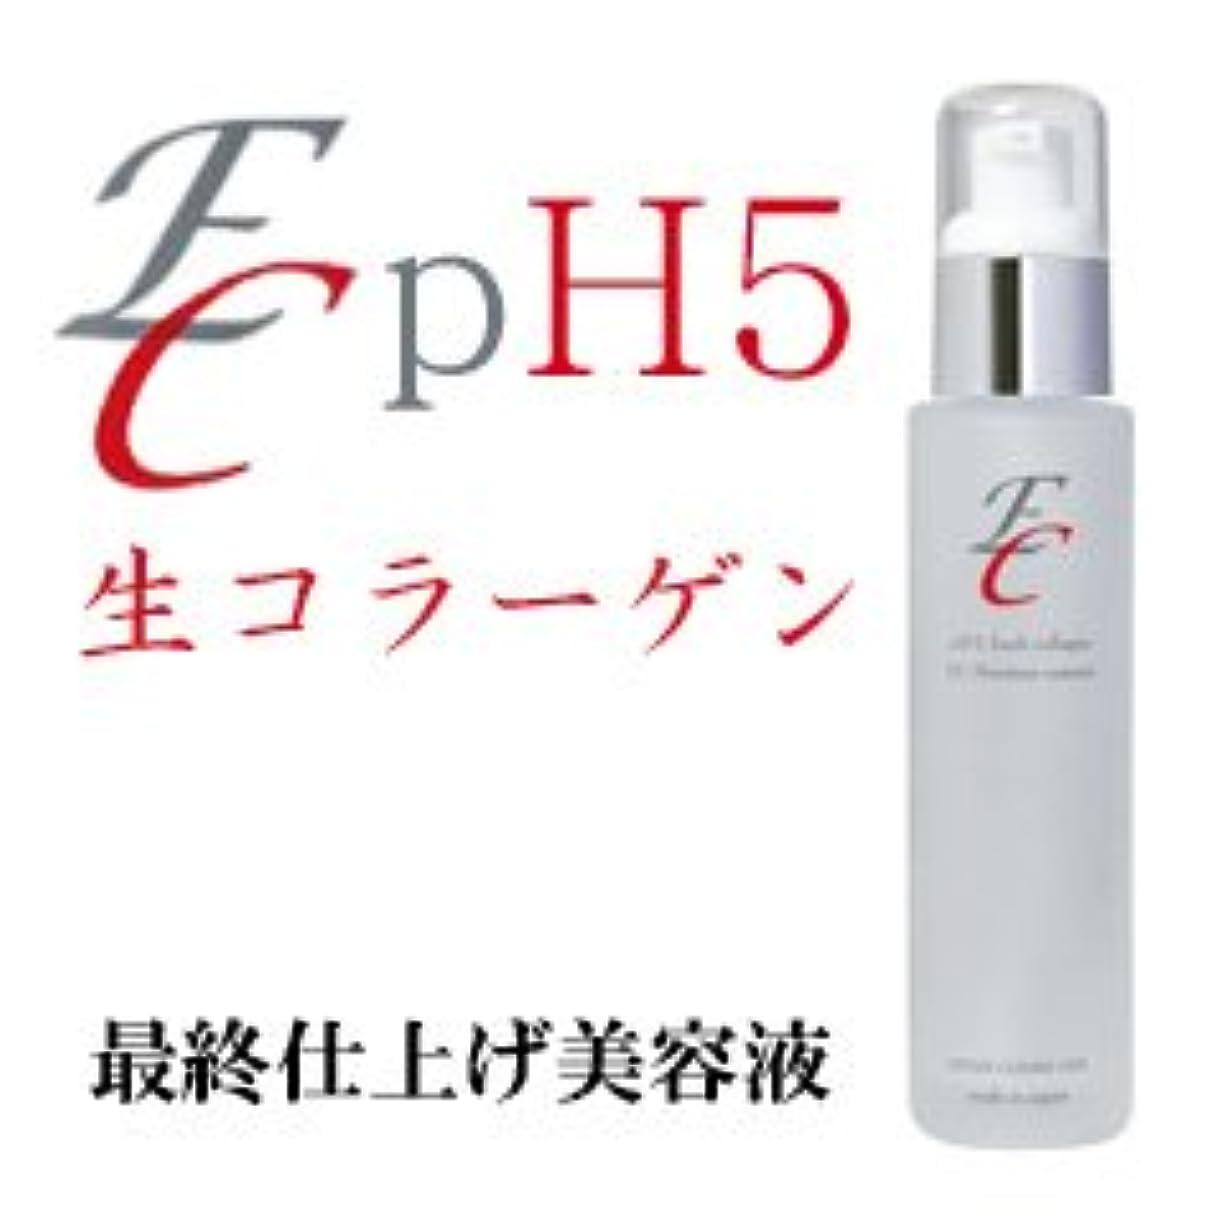 キリスト教レーザインキュバス生コラーゲン 美容液 【EC pH5生コラーゲン】